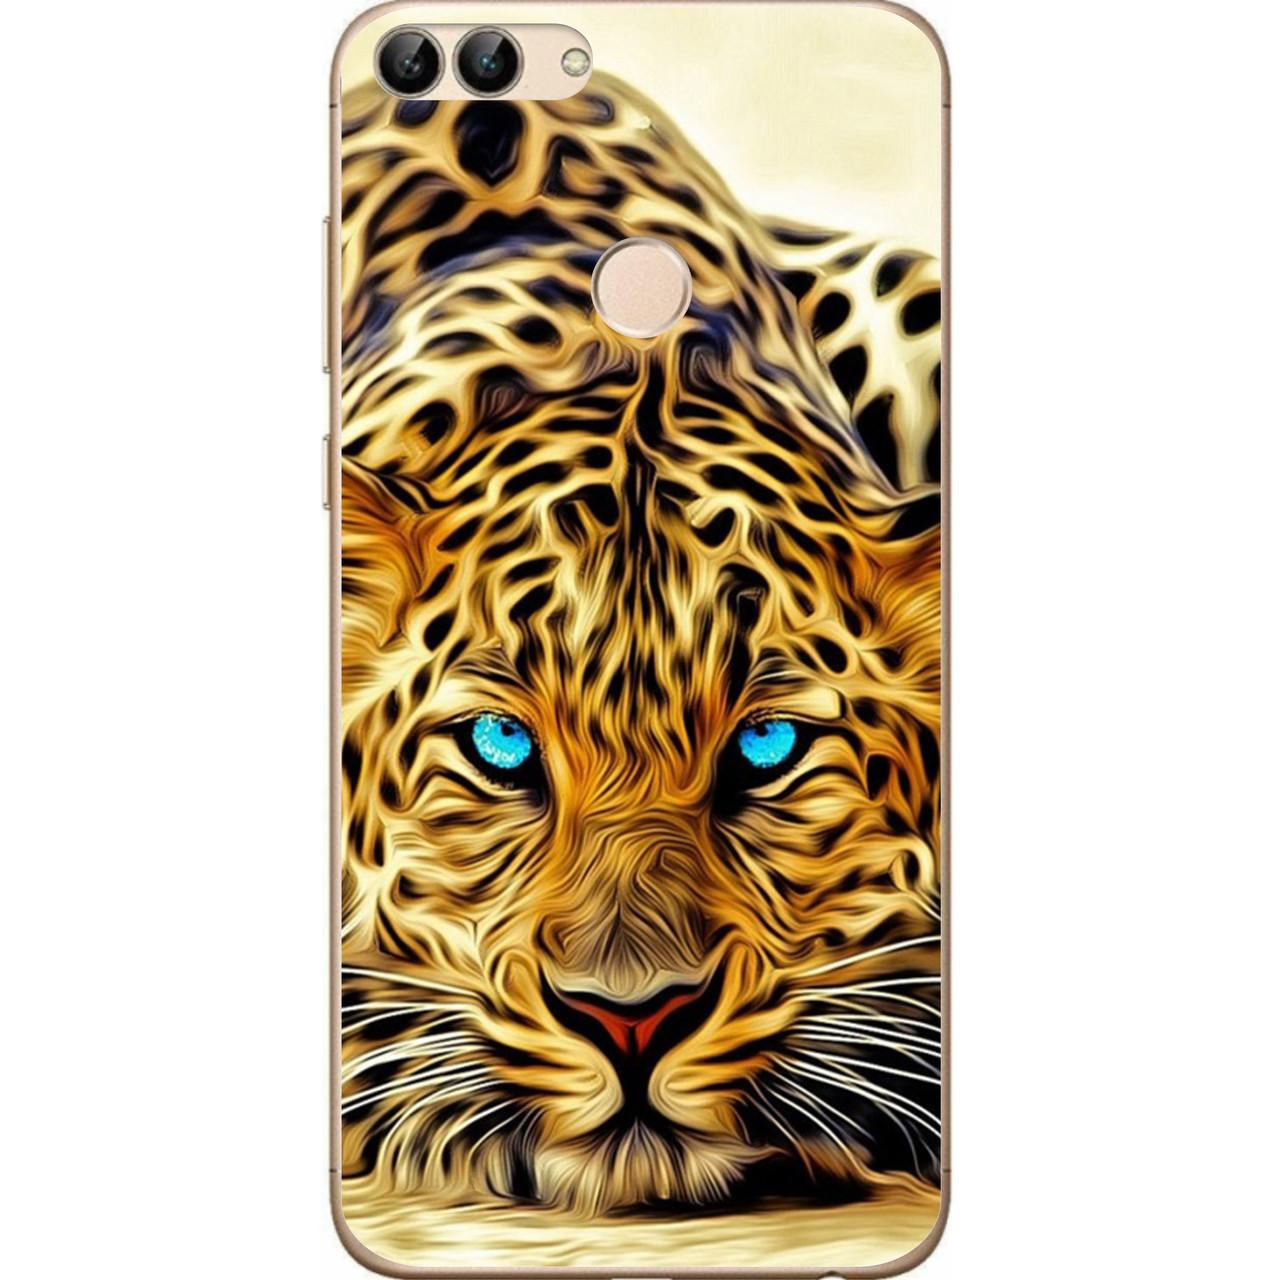 Силиконовый чехол для Huawei P Smart с картинкой Леопард